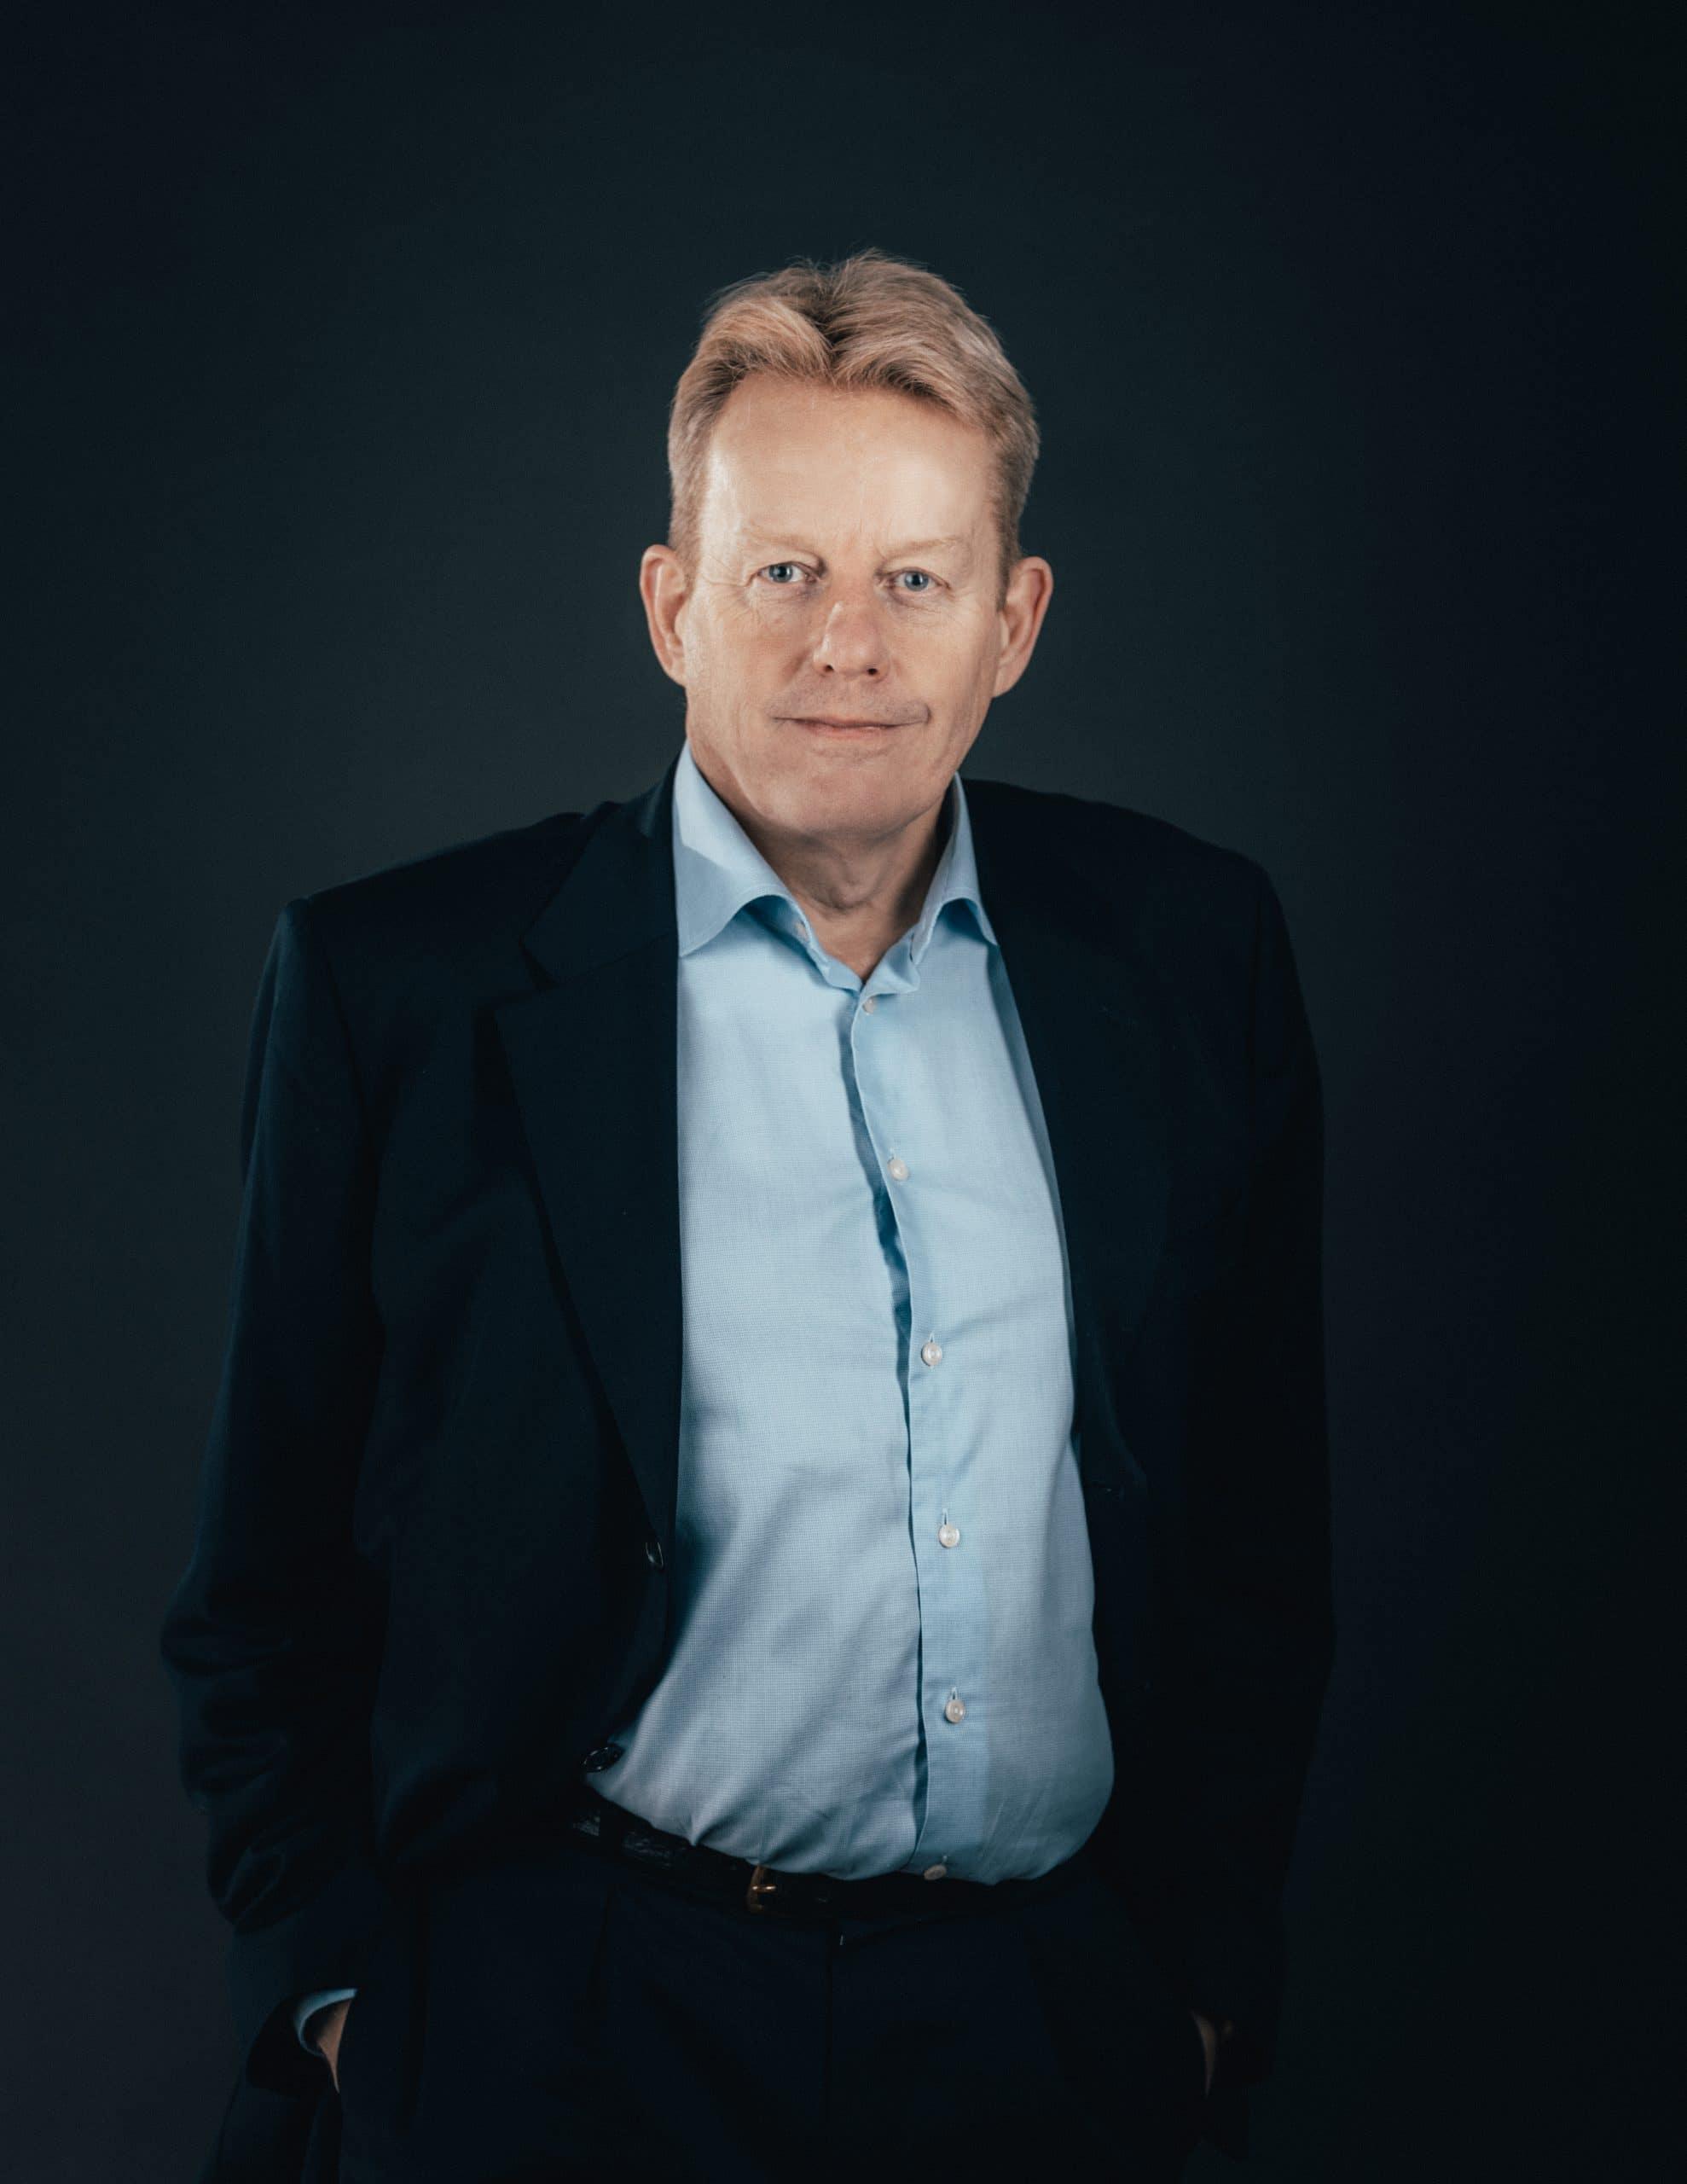 Klas Åström - CFO, Chief Financial Officer